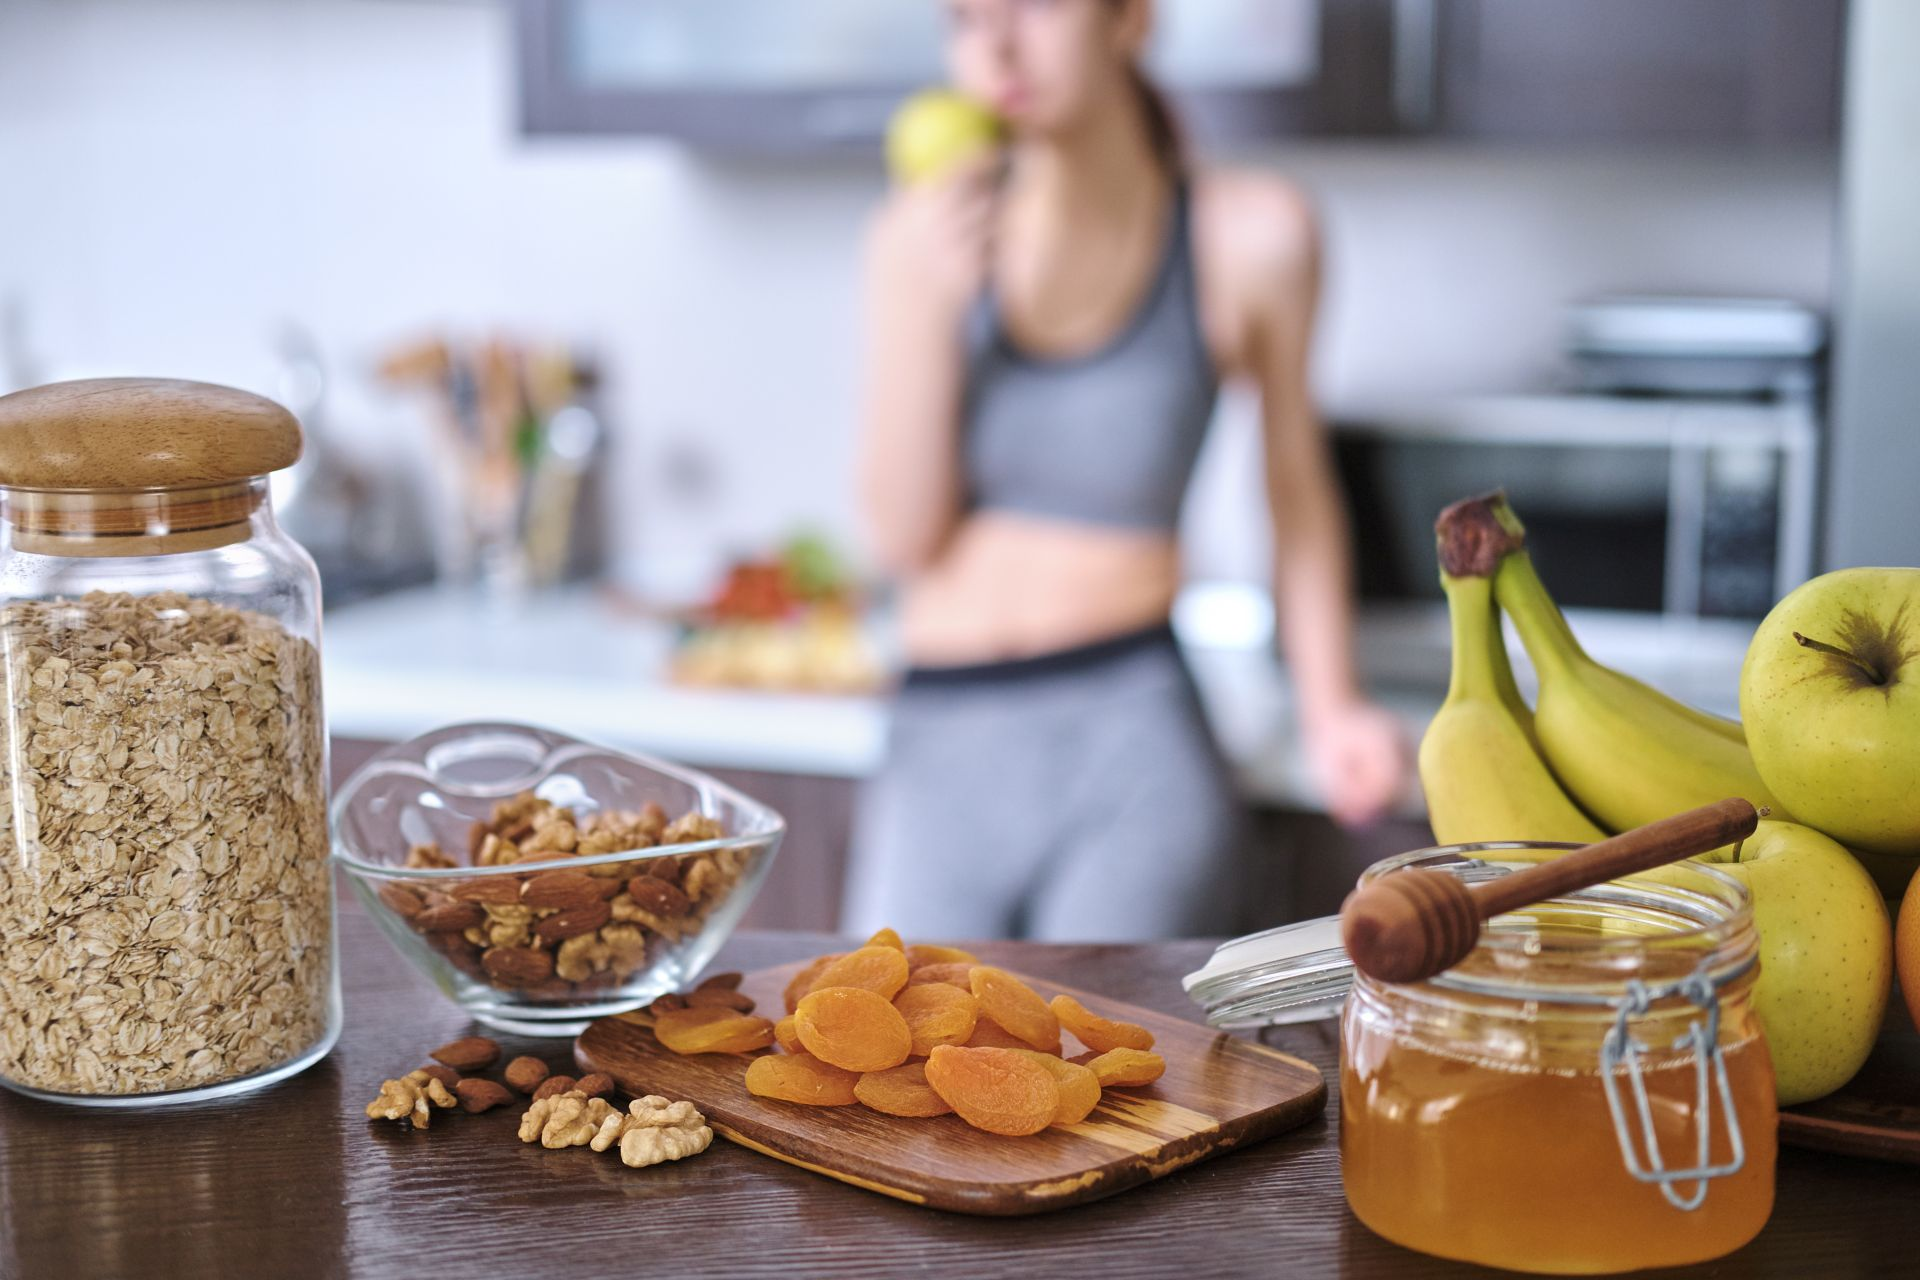 Dieta sportowca powinna opierać się na zbilansowanych posiłkach, bogatych w witaminę K i D oraz podstawowe składniki odżywcze. Komponuj dietę dla aktywnych zgodnie z piramidą lub talerzem żywienia!